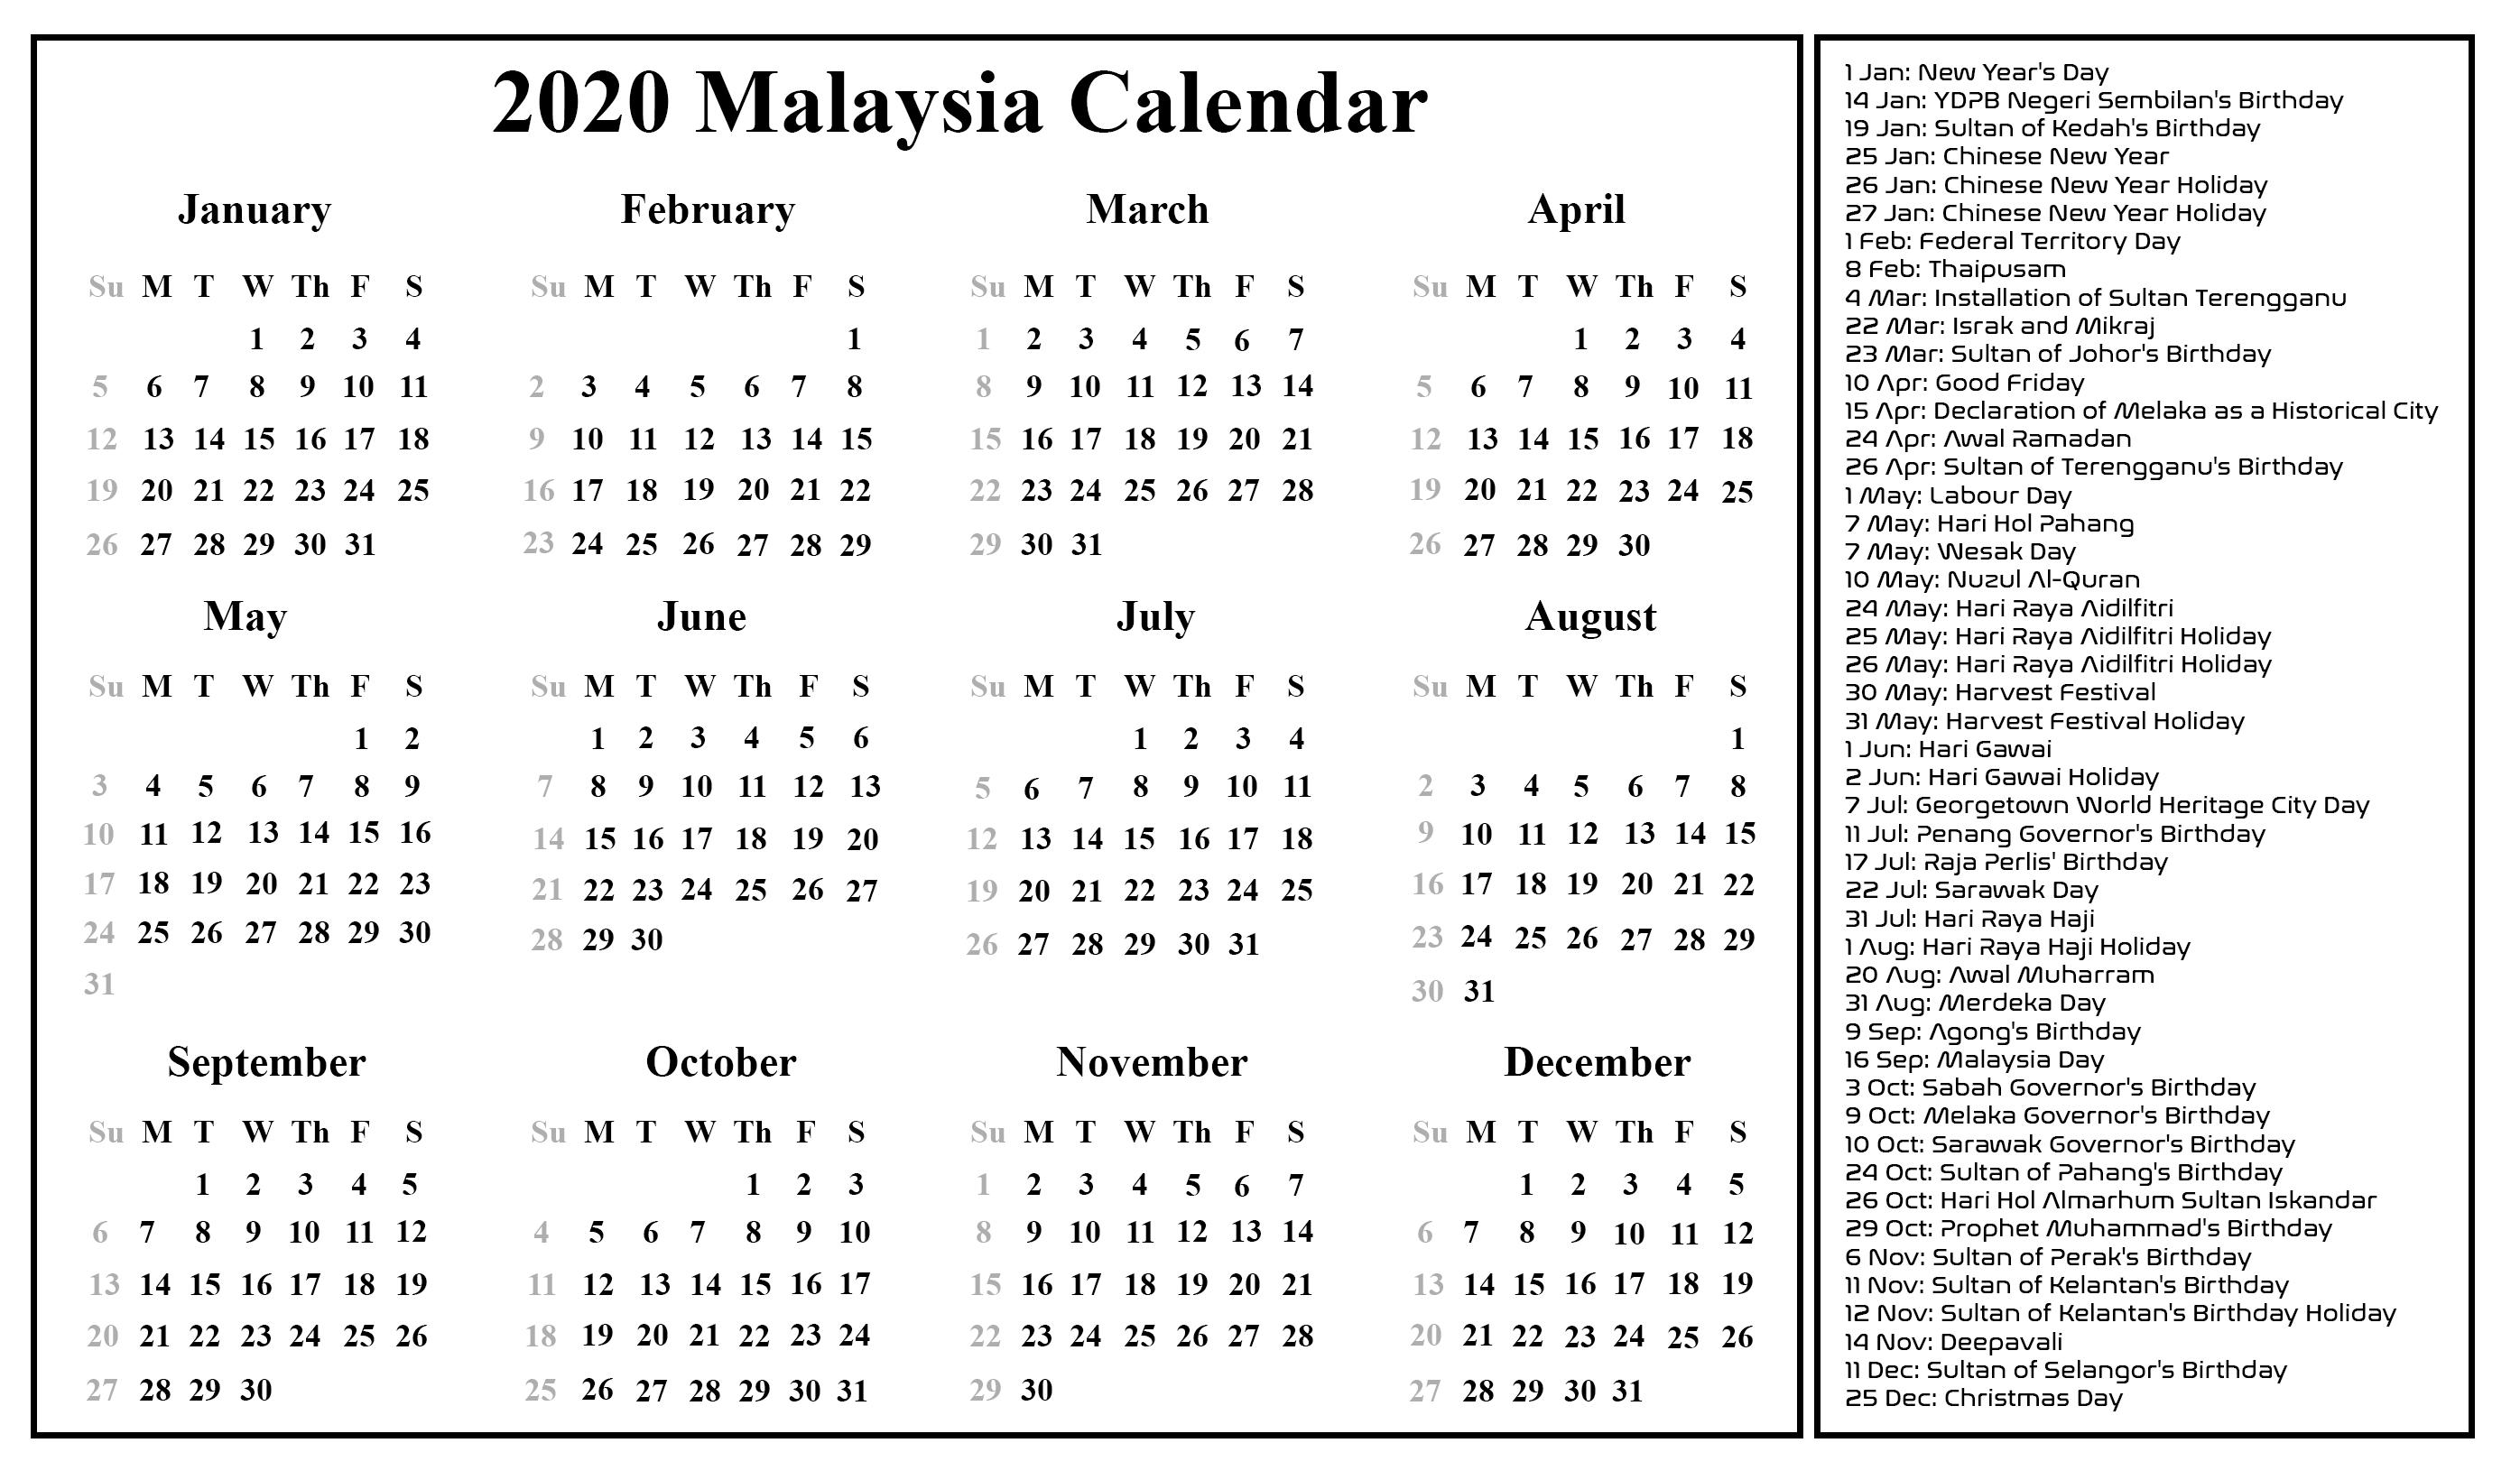 Festival Country Calendrier 2021 Malaysia Calendar 2020 Printable | Printable calendar template